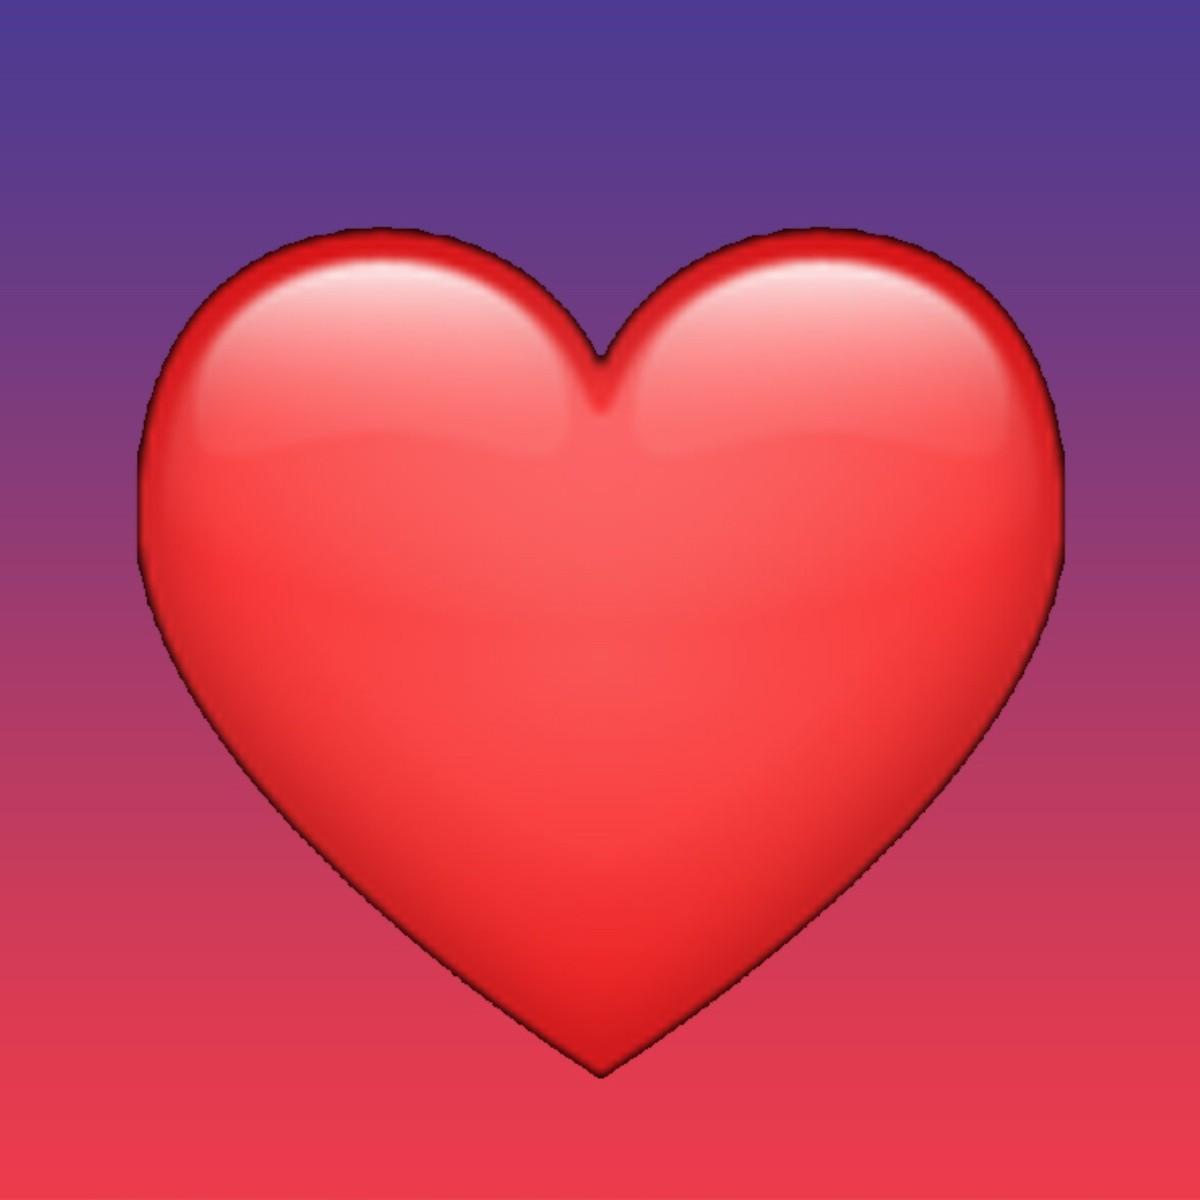 WhatsApp: Conoce la diferencia entre los dos corazones rojos